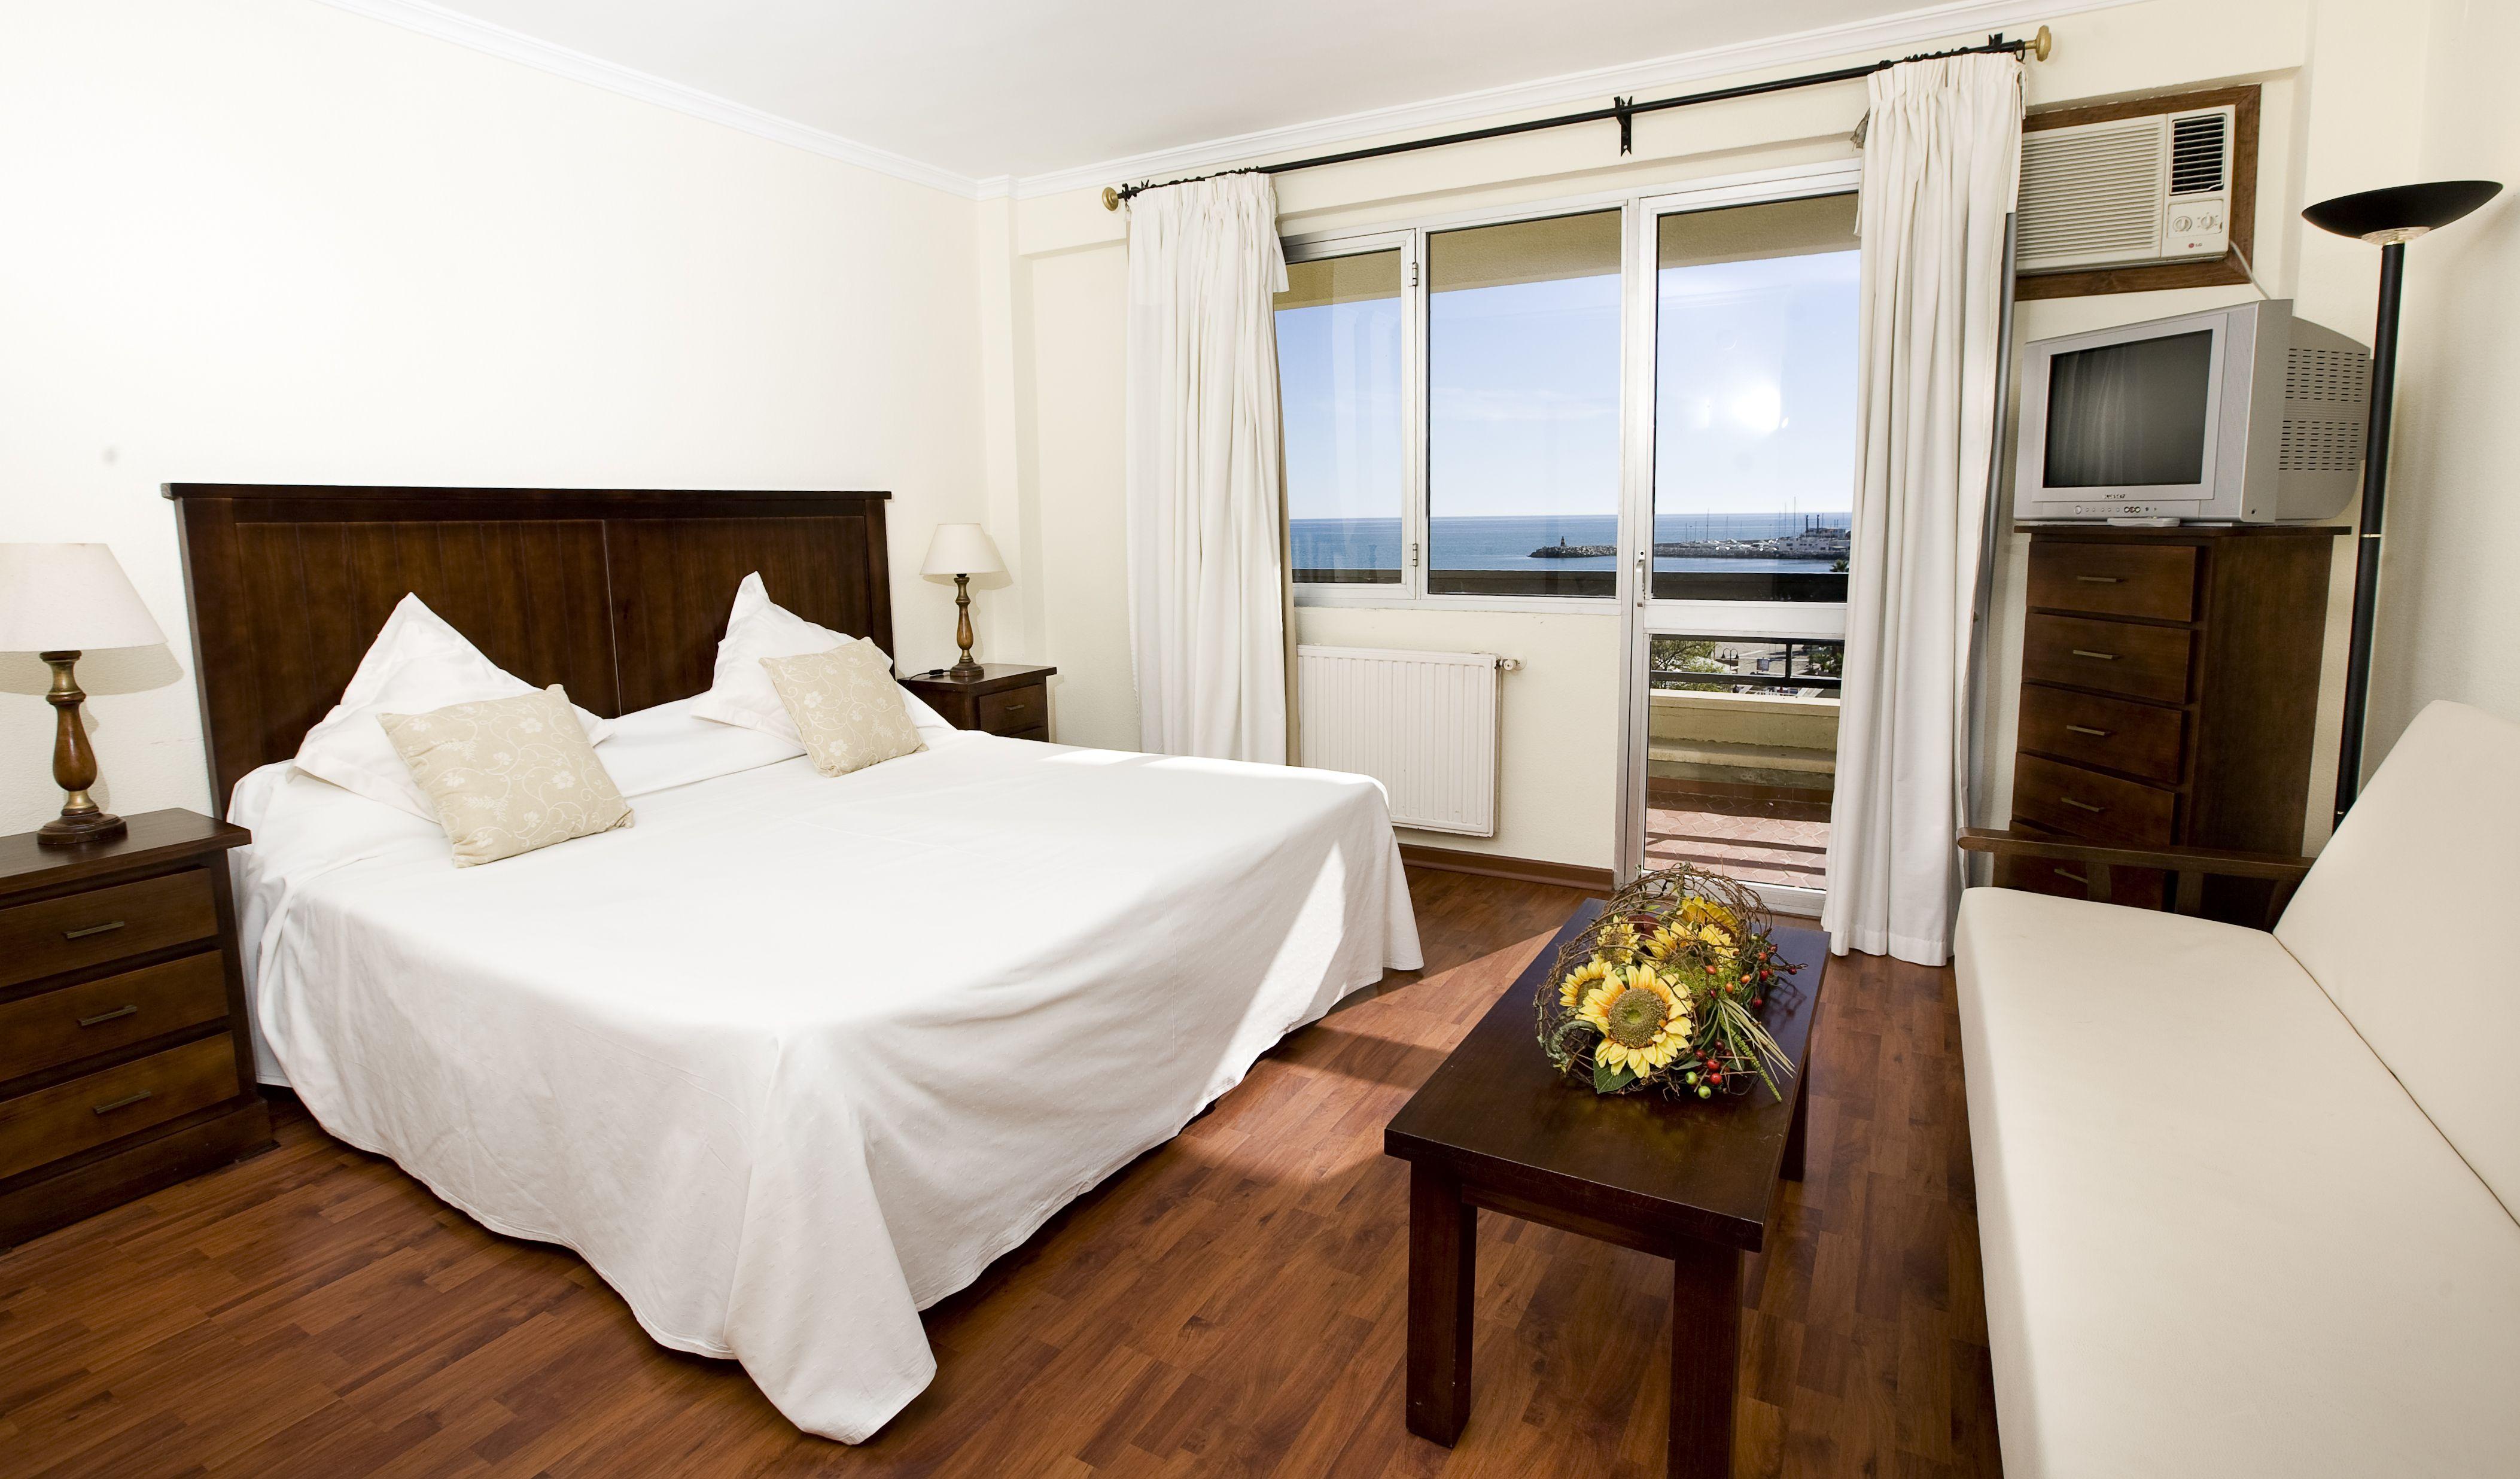 Habitación hotel vistas al mar. Hotel La Barracuda. Torremolinos